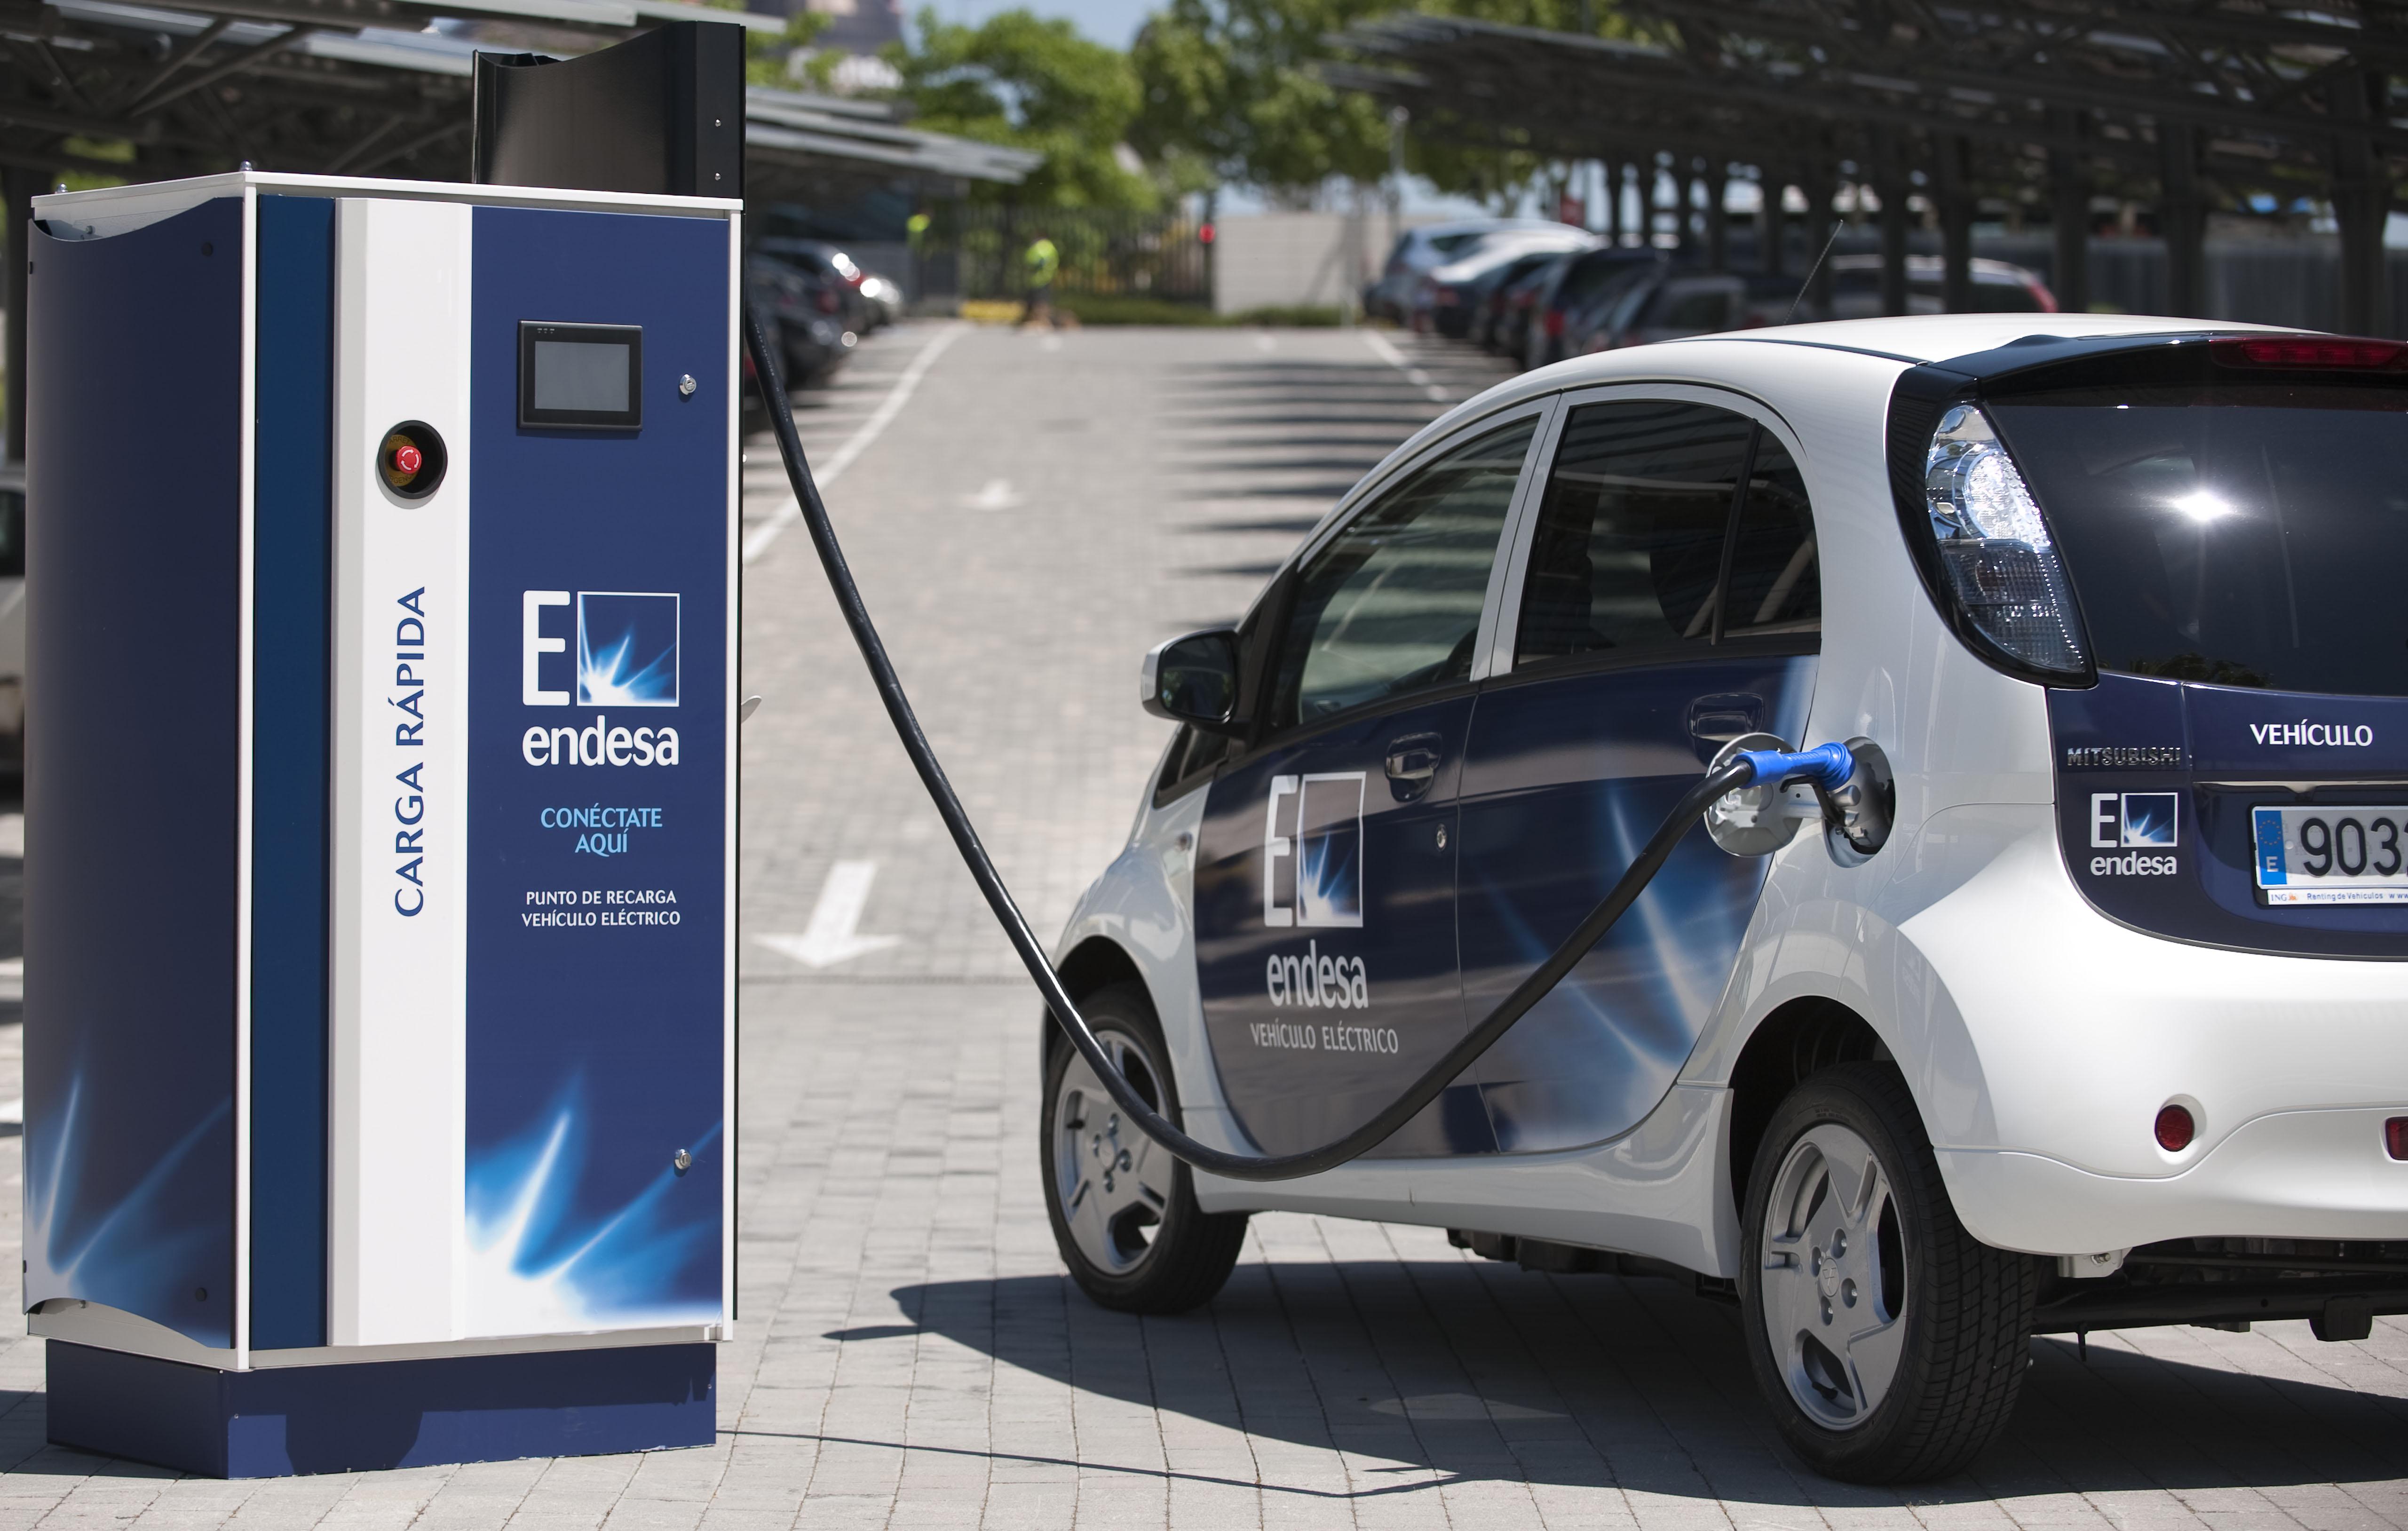 punto recarga vehiculo electrico endesa